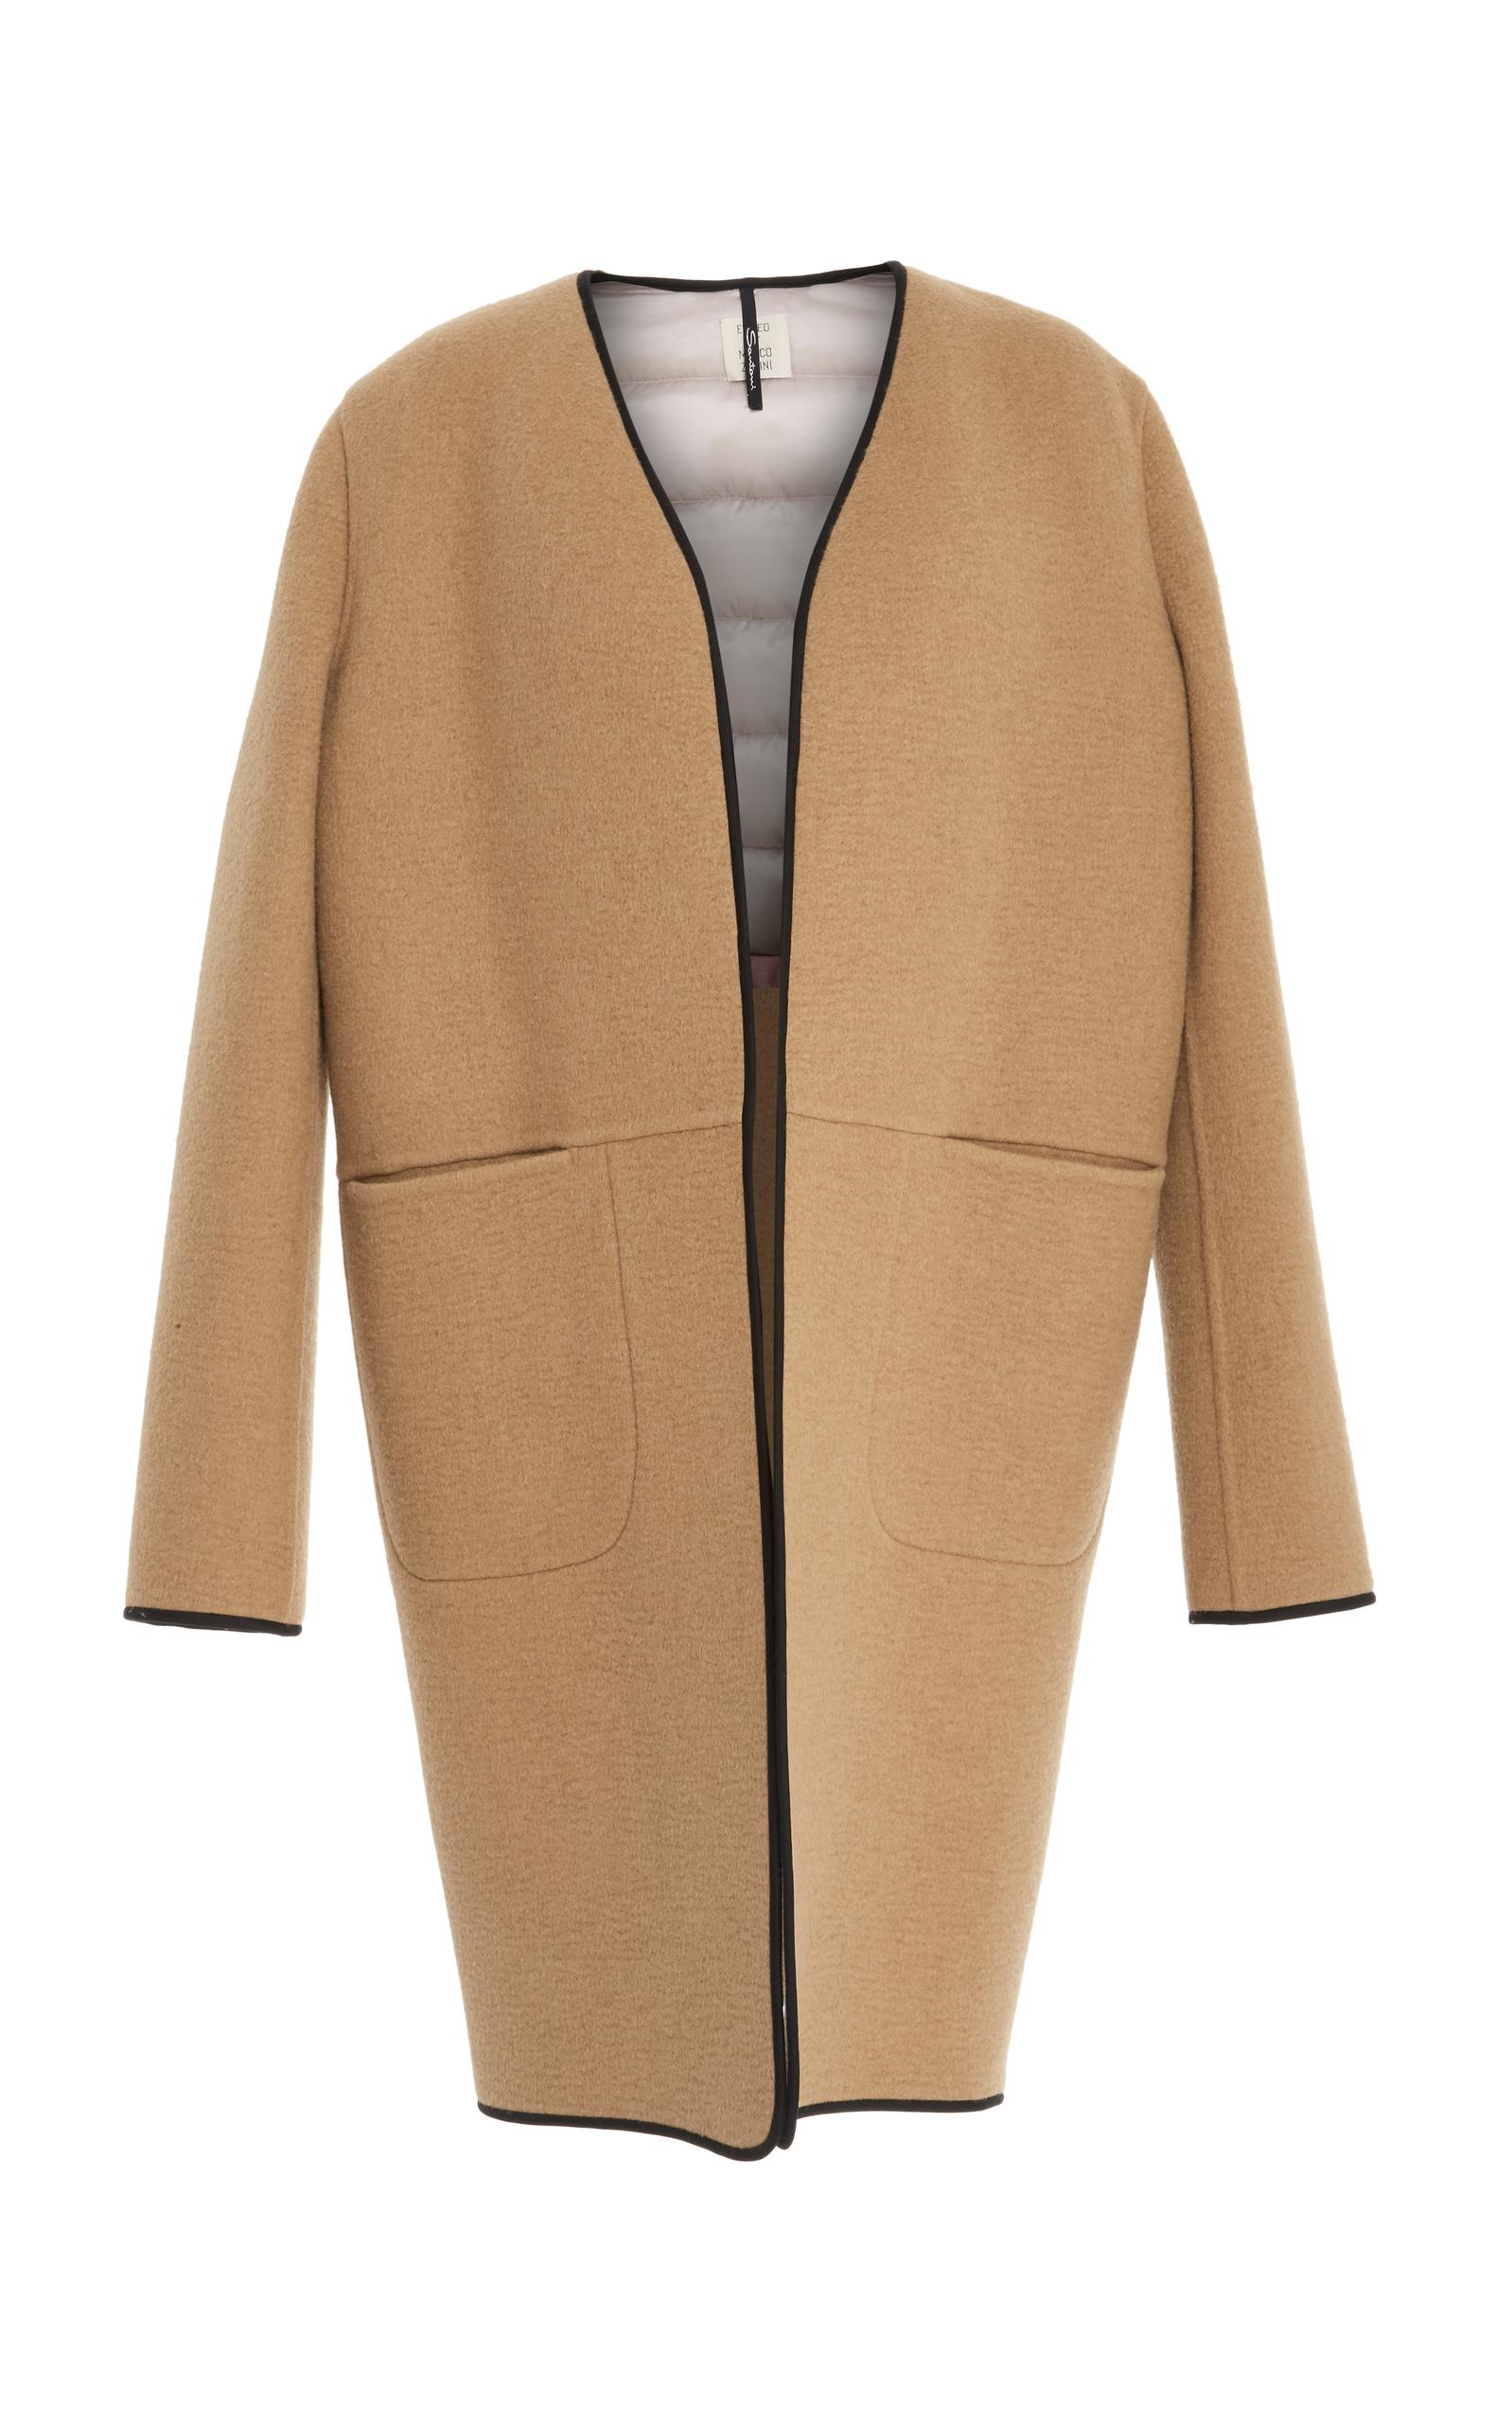 SANTONI EDITED BY MARCO ZANINI Wool Coat in Brown